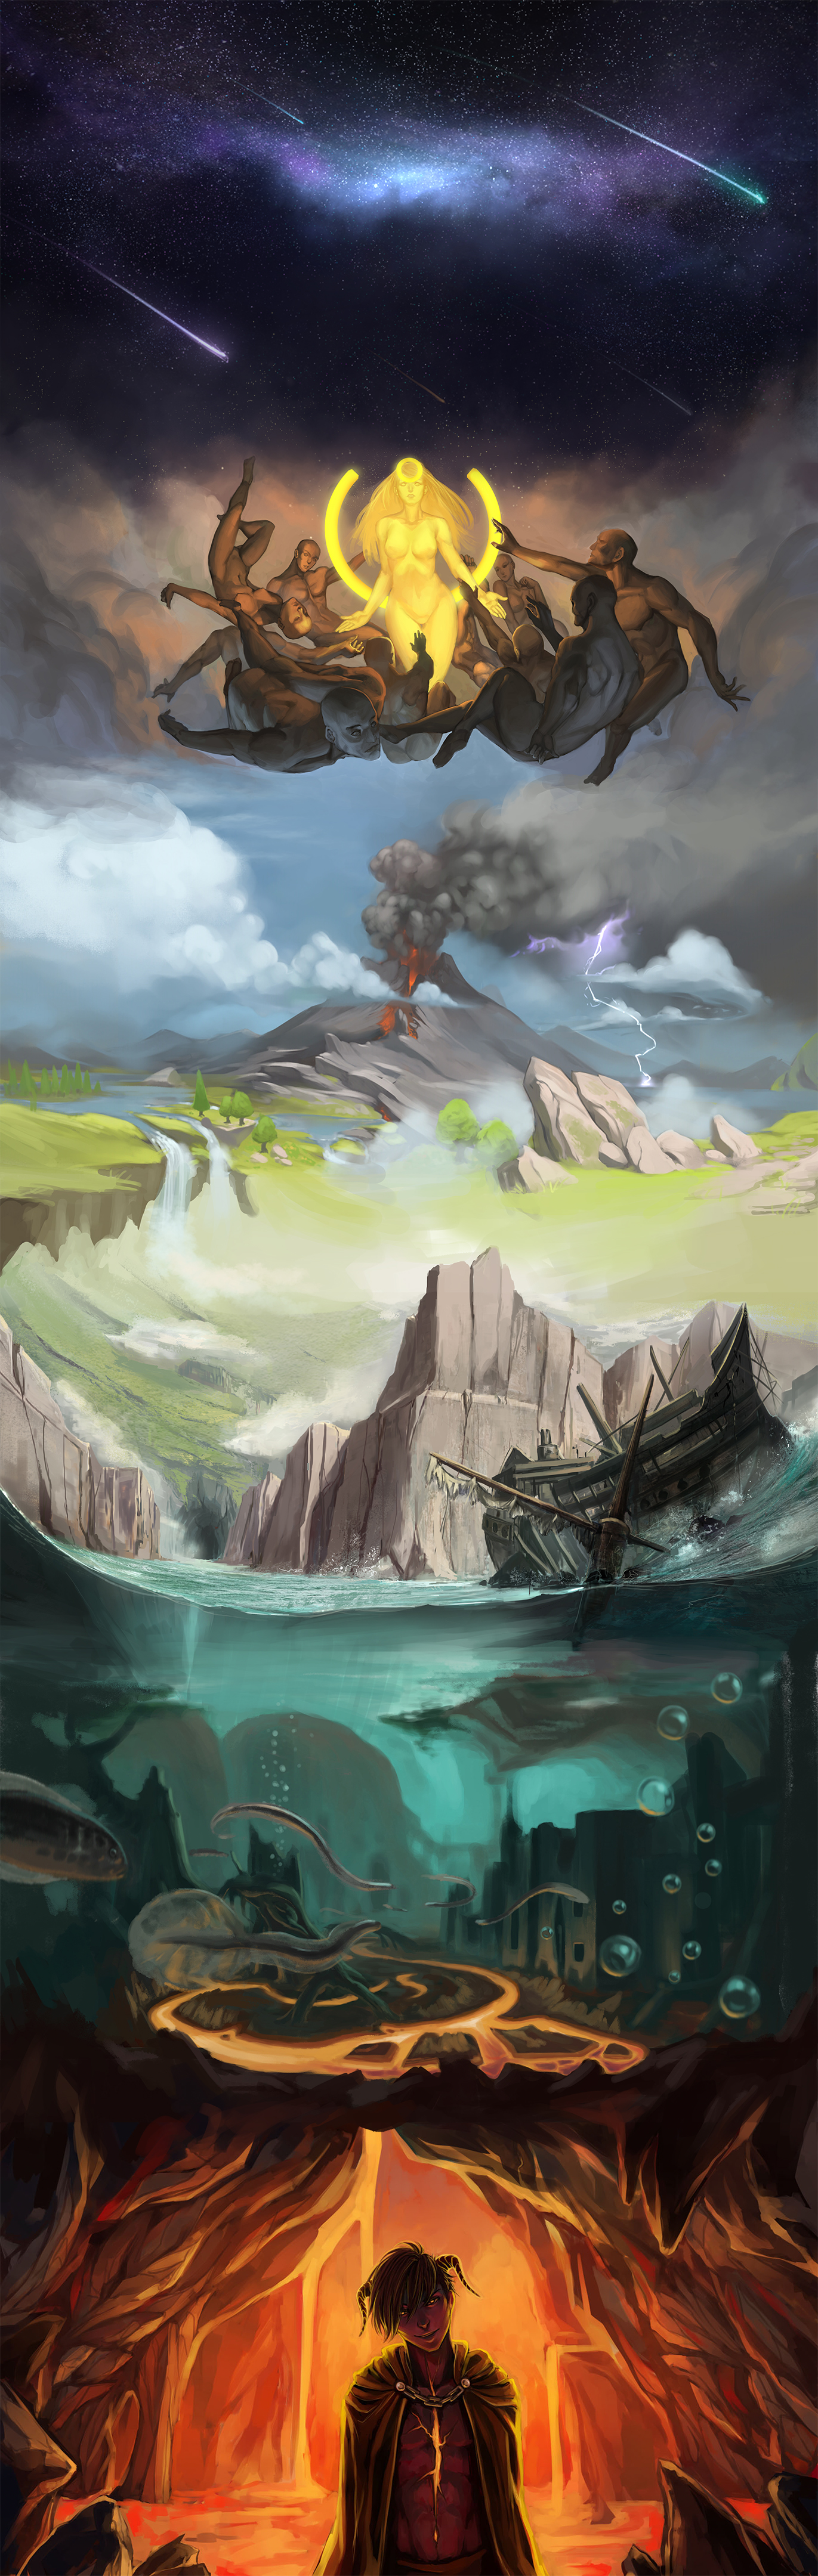 Power of Nature Murals